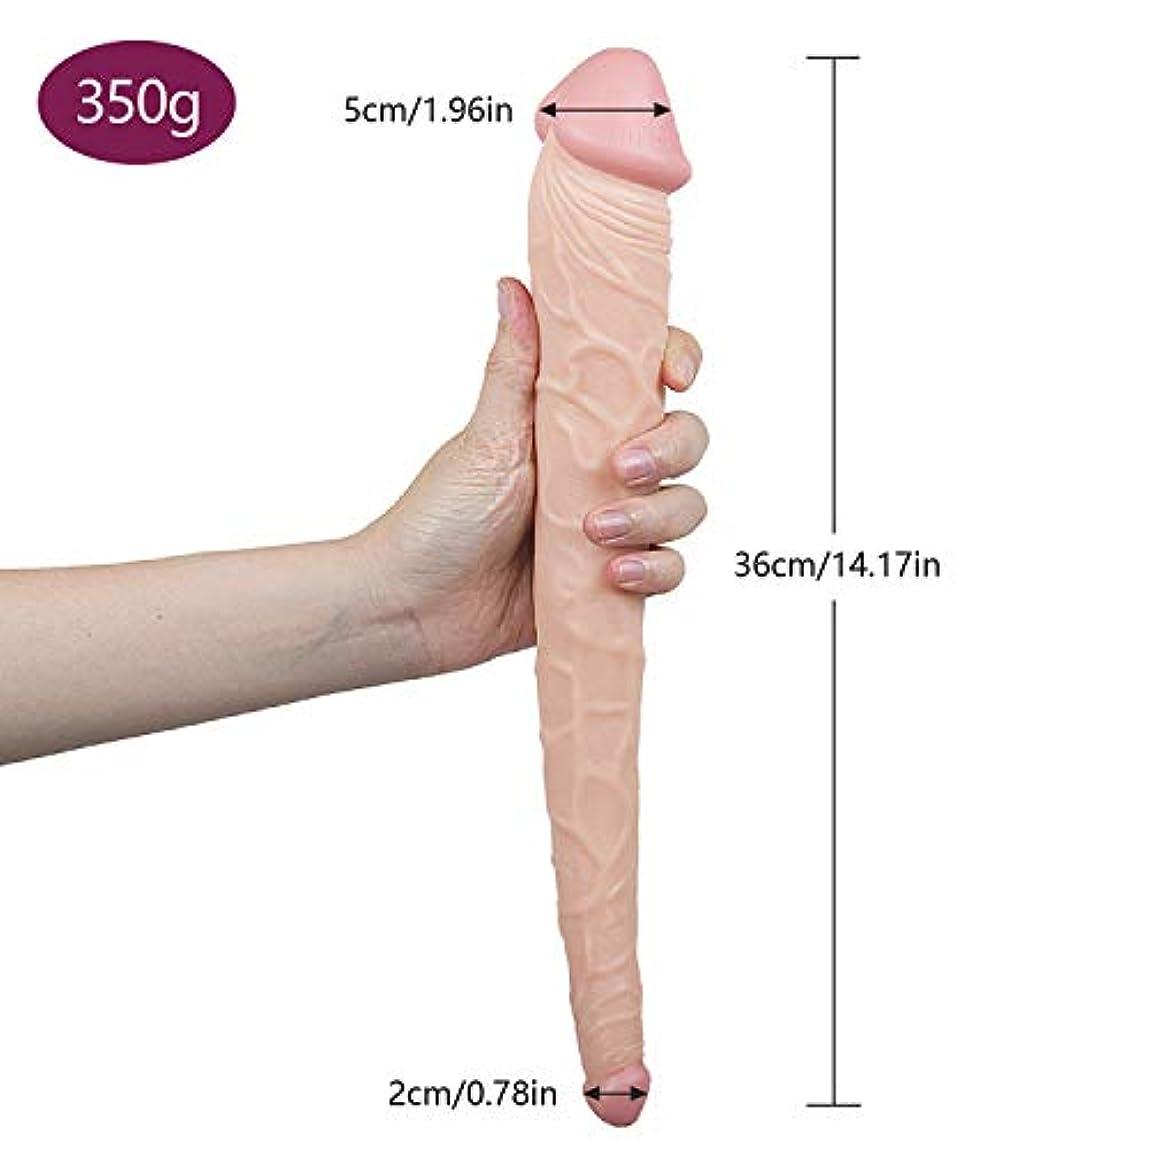 カリング素晴らしい良い多くの素晴らしいですペニス 14.17インチの完全なサイズの完全なボディマッサージャーの二重頭の側面のマッサージャーのおもちゃ マッサージャー